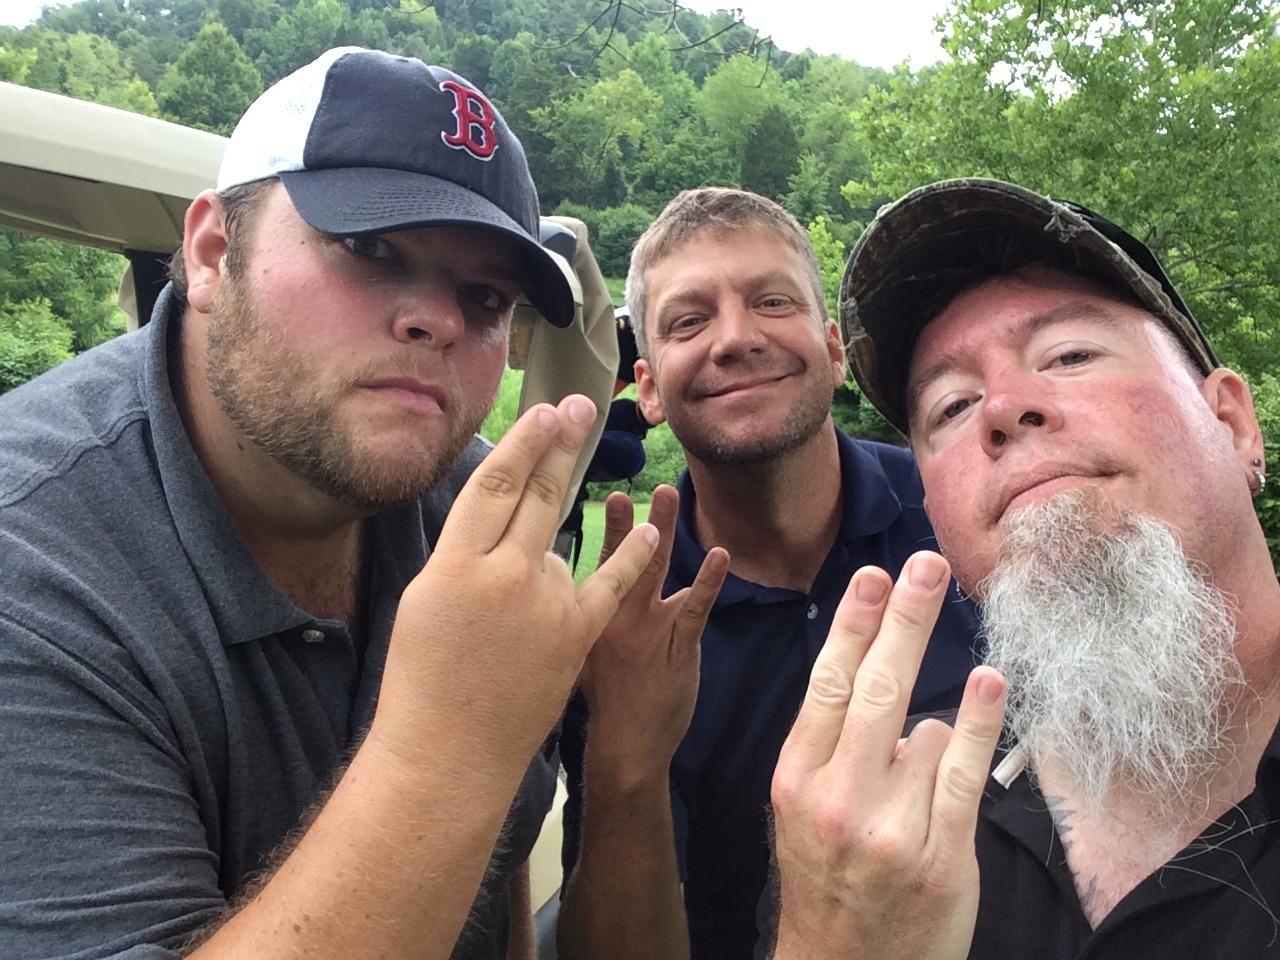 West Virgina Quit Golf - Bigpapa2483, wvsuper & Big Brother Jack